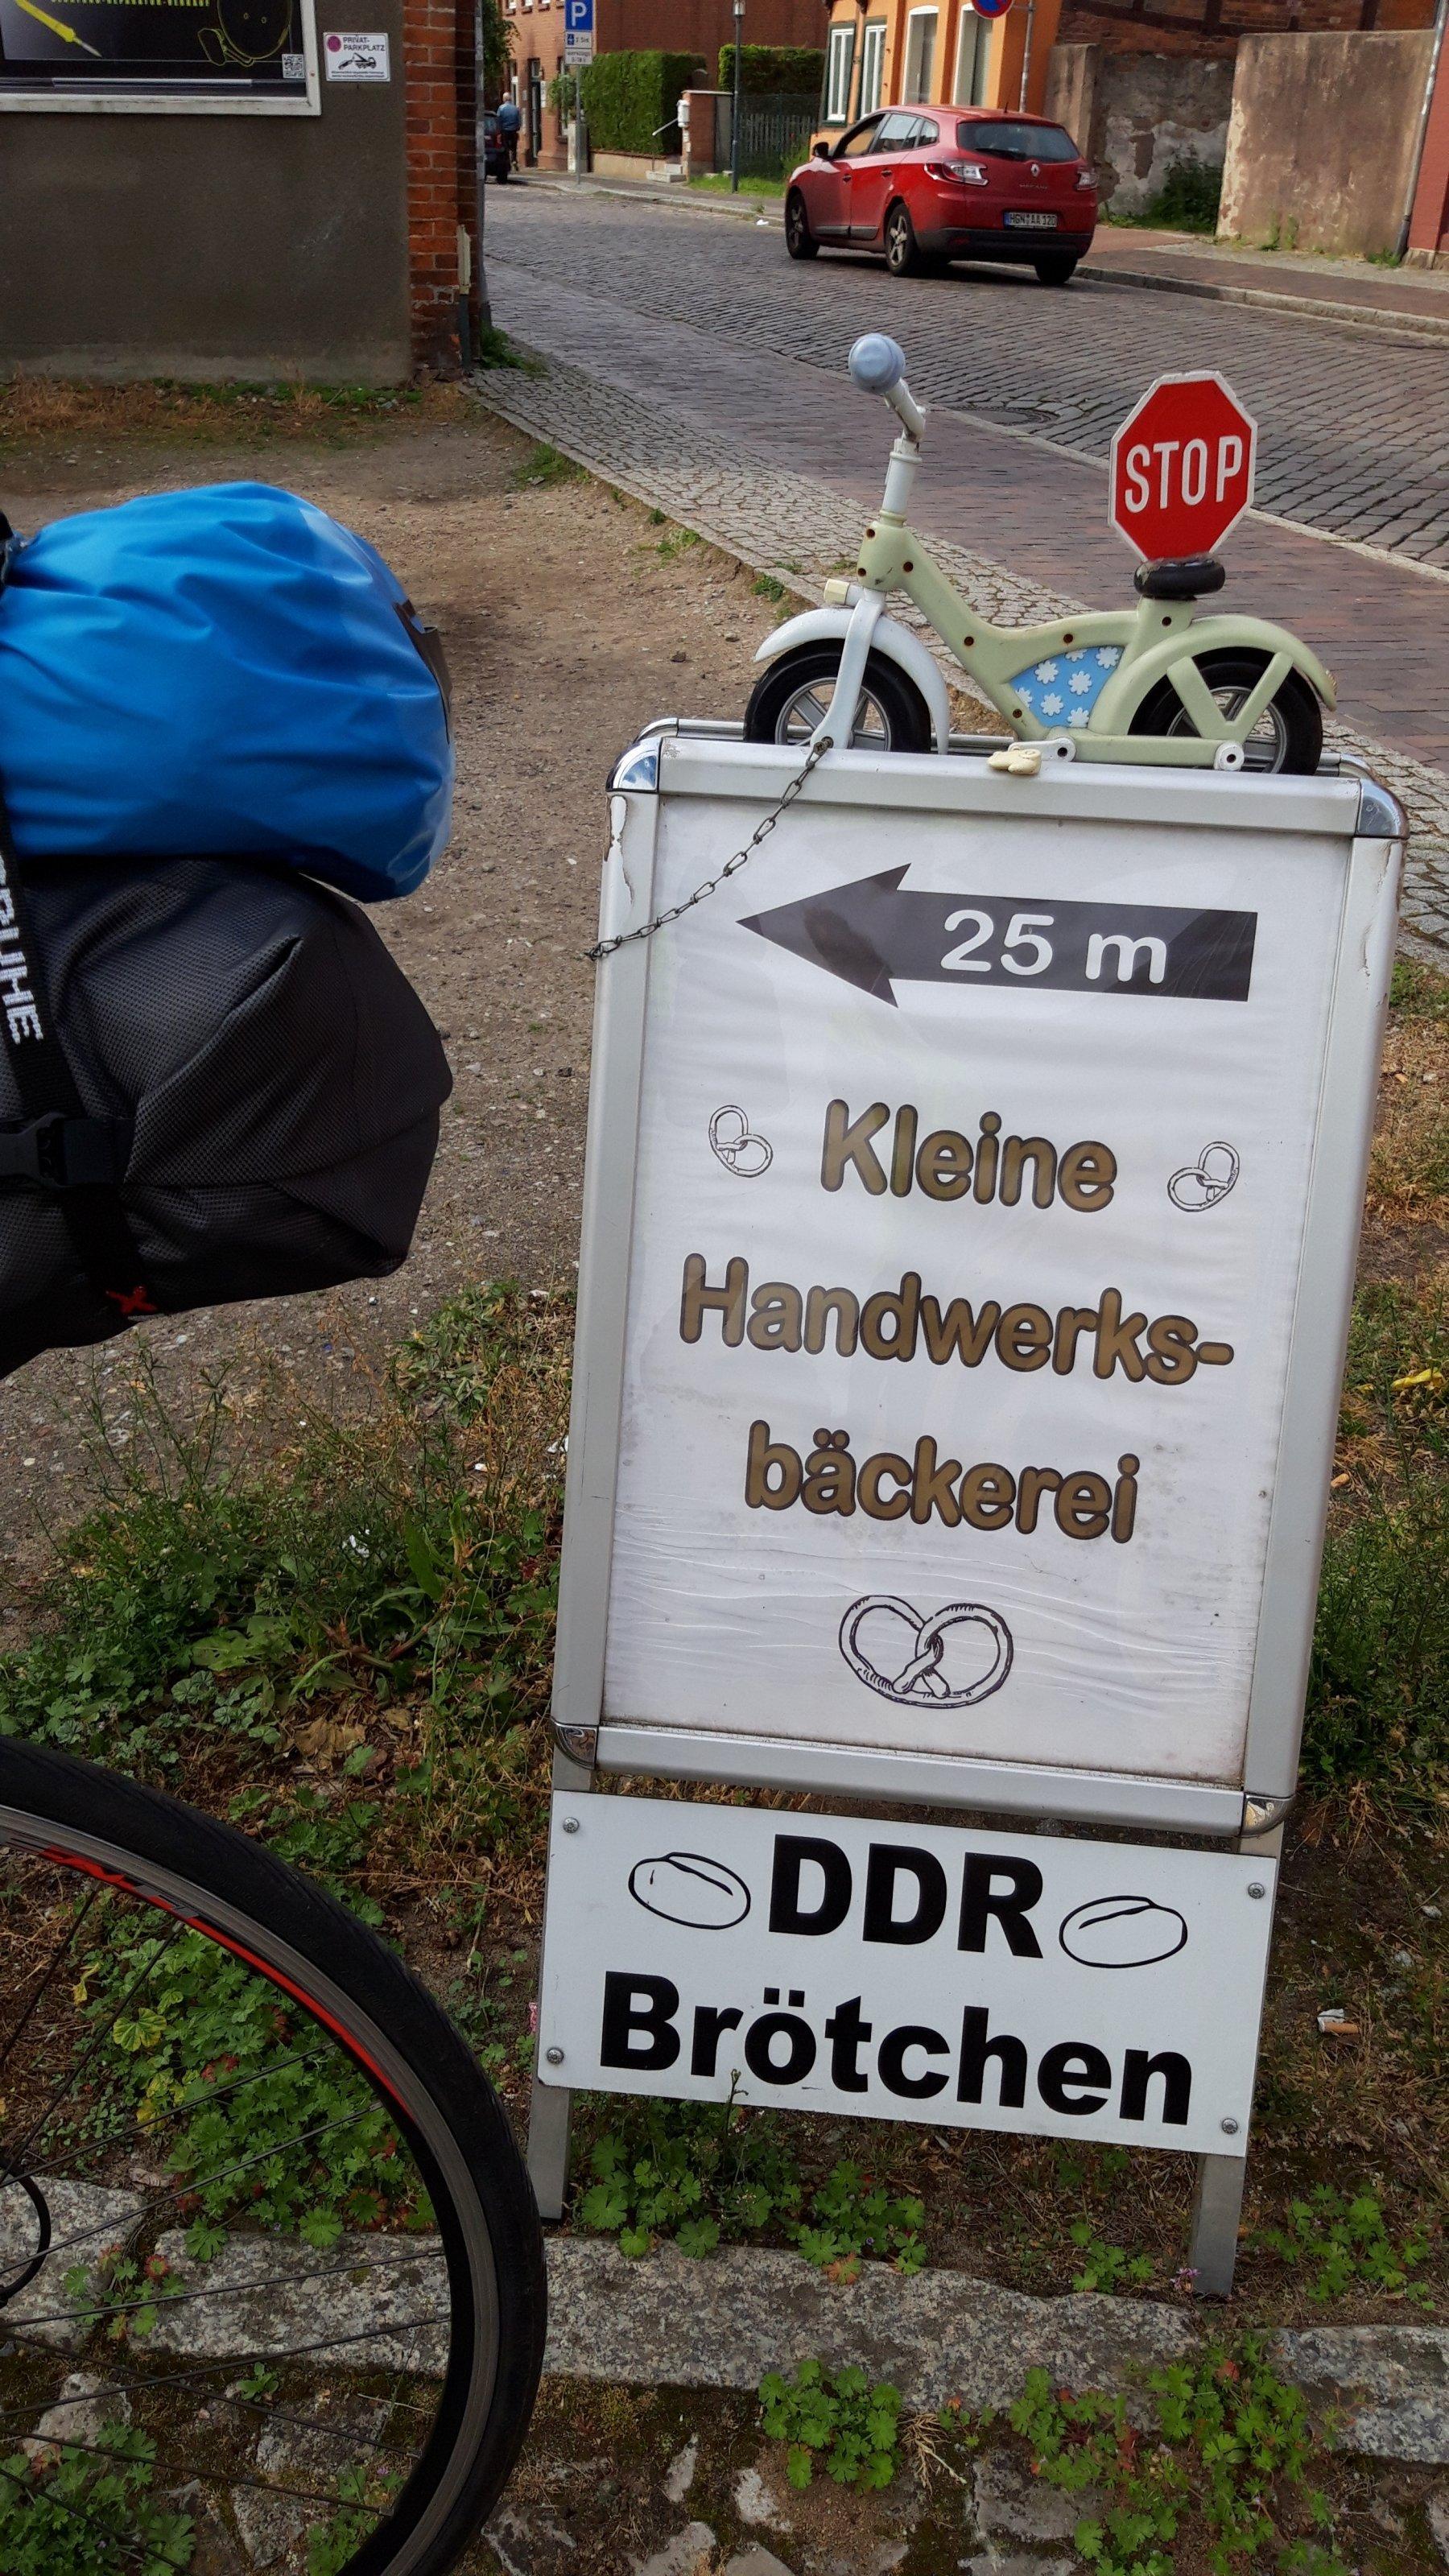 """Das Vehikel des RadelndenReporters parkt neben einem Hinweisschild, auf dem zu lesen ist """"DDR-Brötchen, Kleine Handwerksbäckerei, 25Meter""""."""